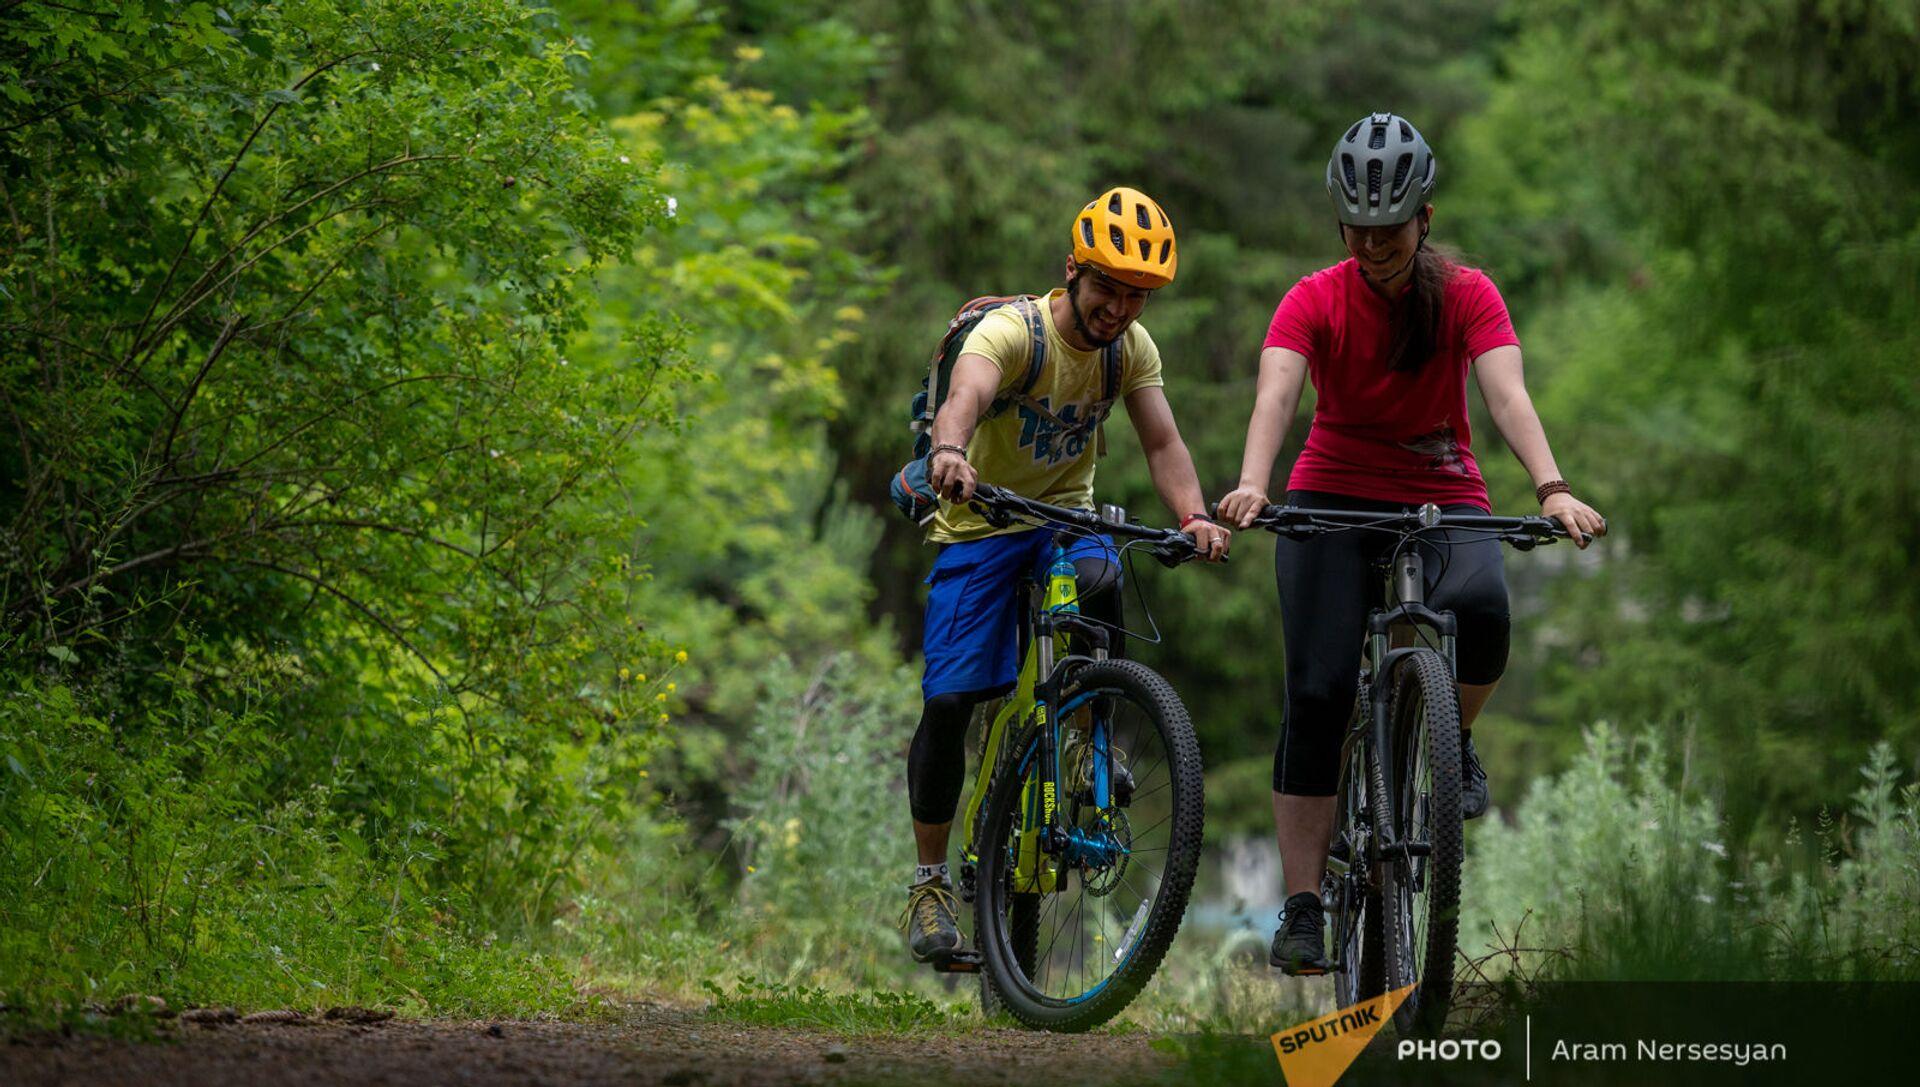 Вагинак Карапетян и Эмма Петросян в парке для горных велосипедов в Ванадзоре - Sputnik Արմենիա, 1920, 15.06.2021